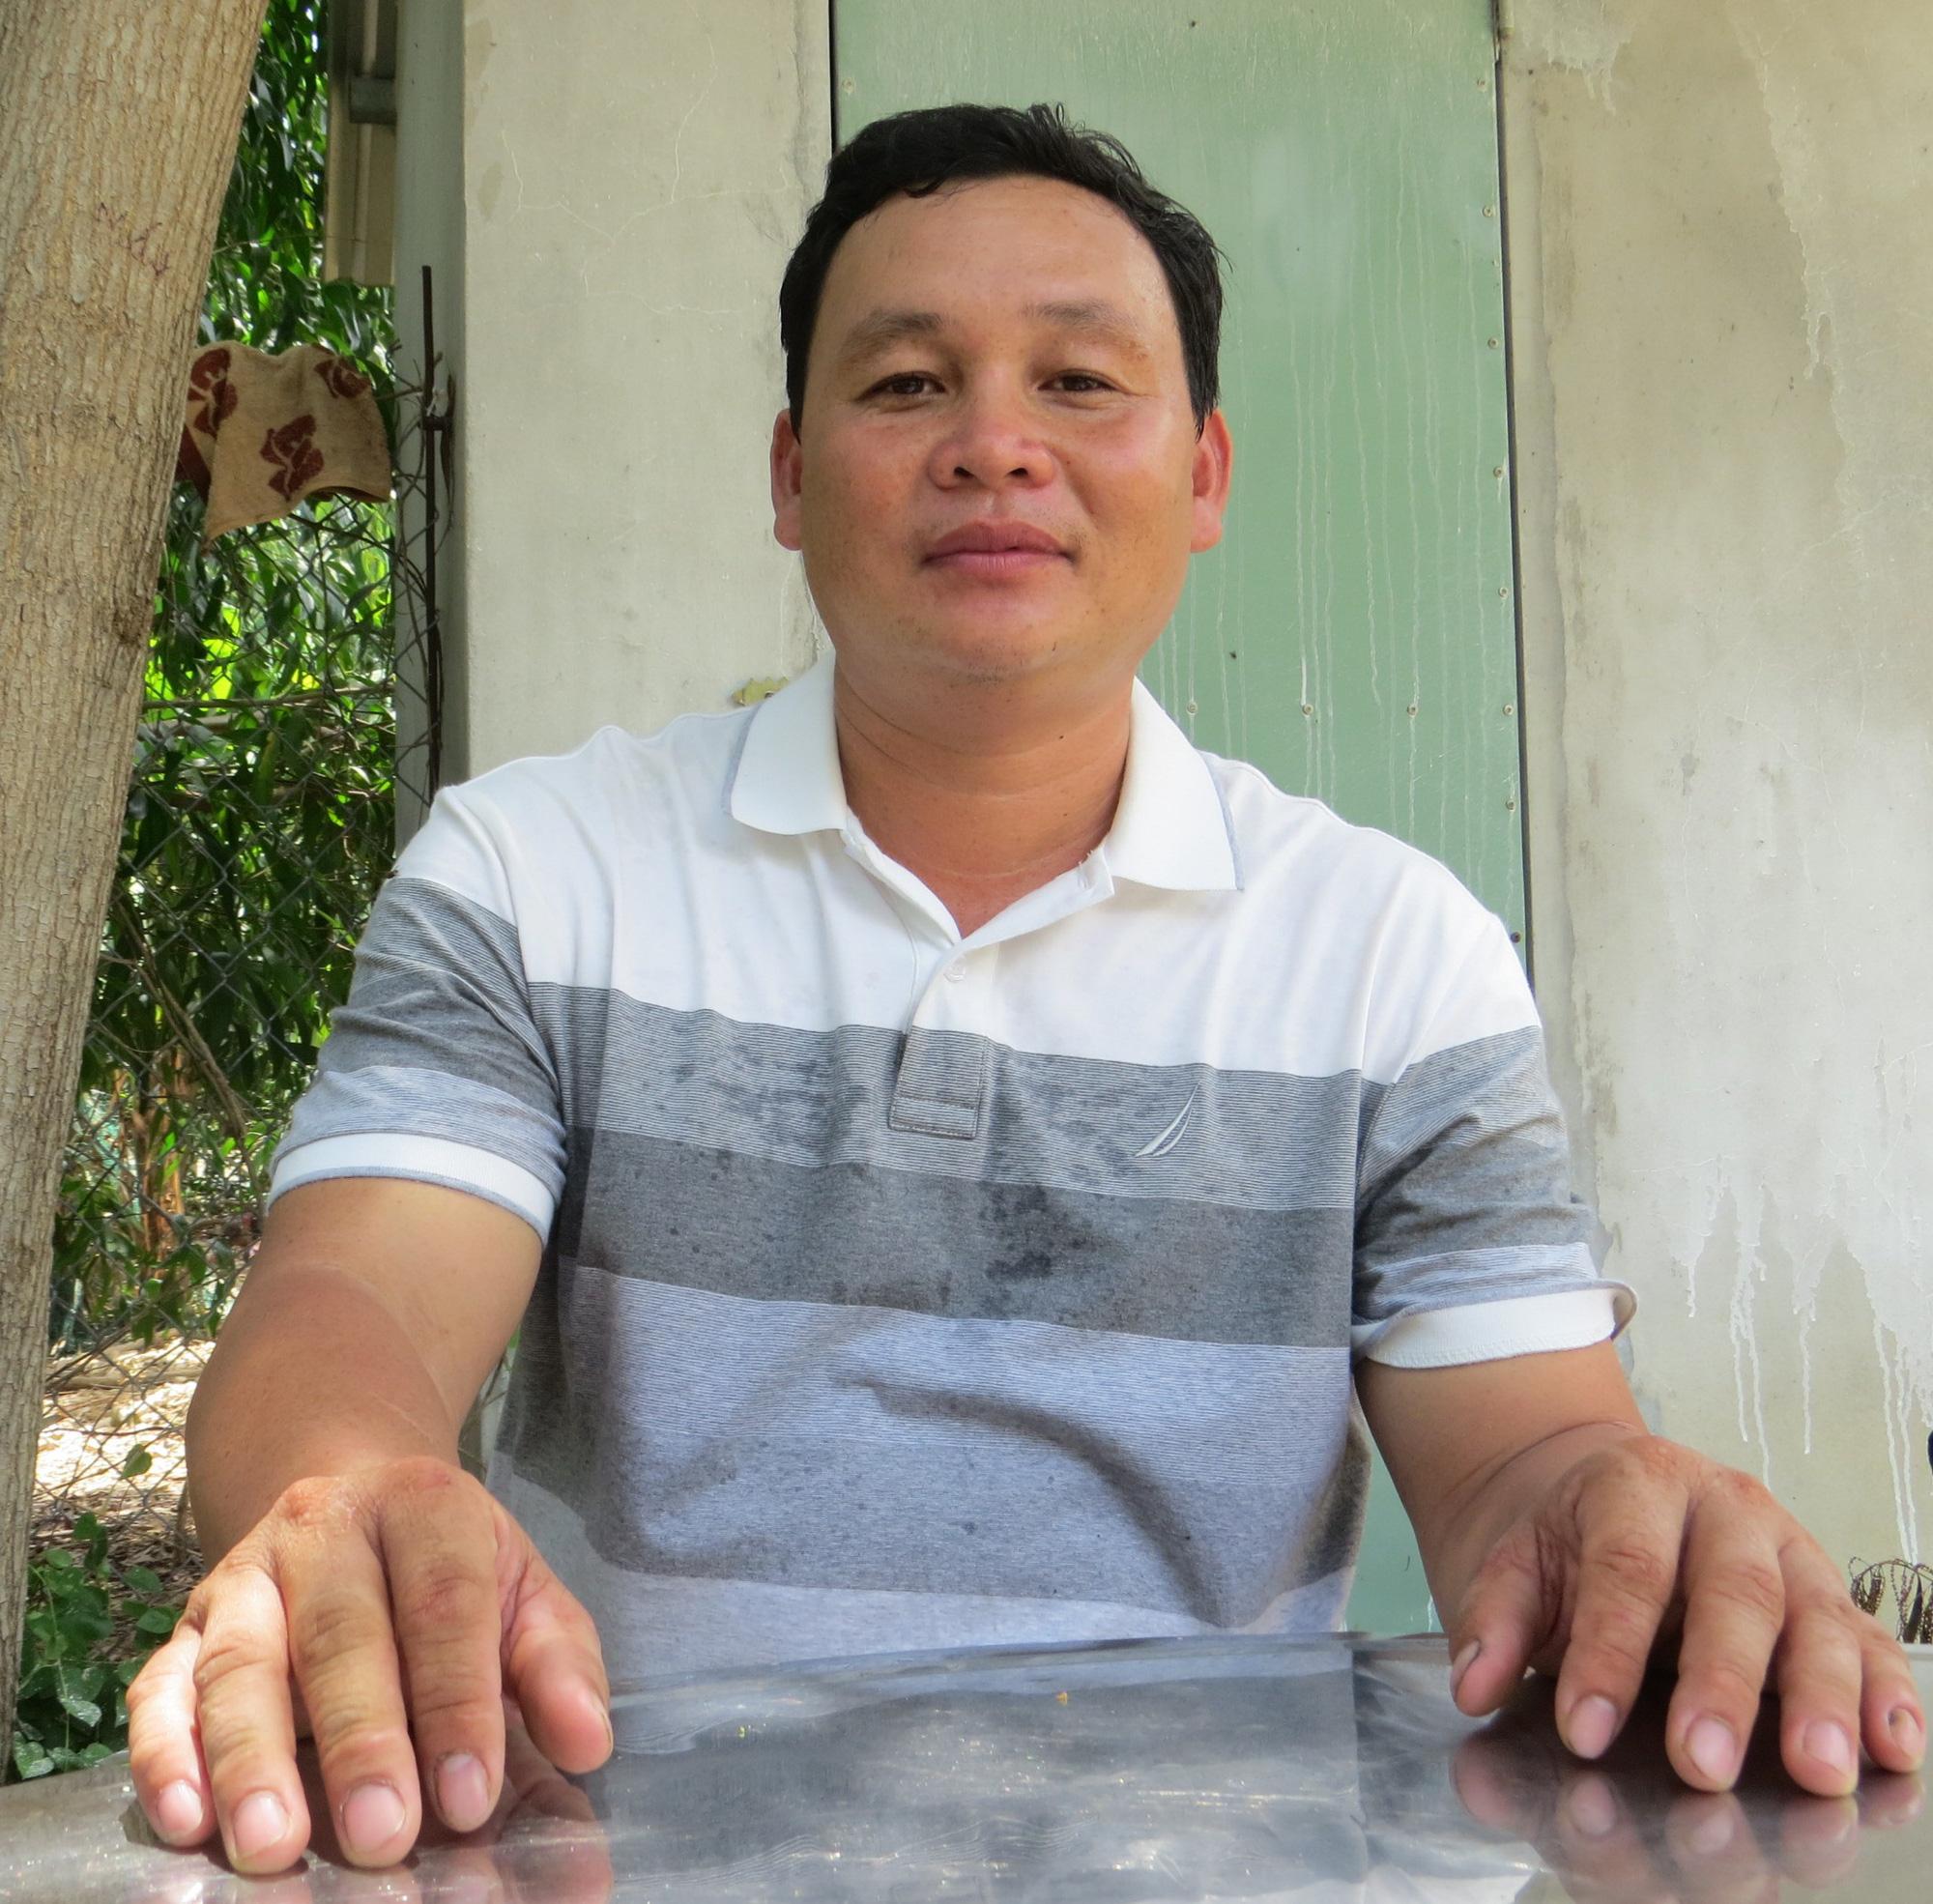 Nông dân Việt Nam xuất sắc 2020: Tỷ phú nuôi heo tuổi 30 ở Phú Yên - Ảnh 1.